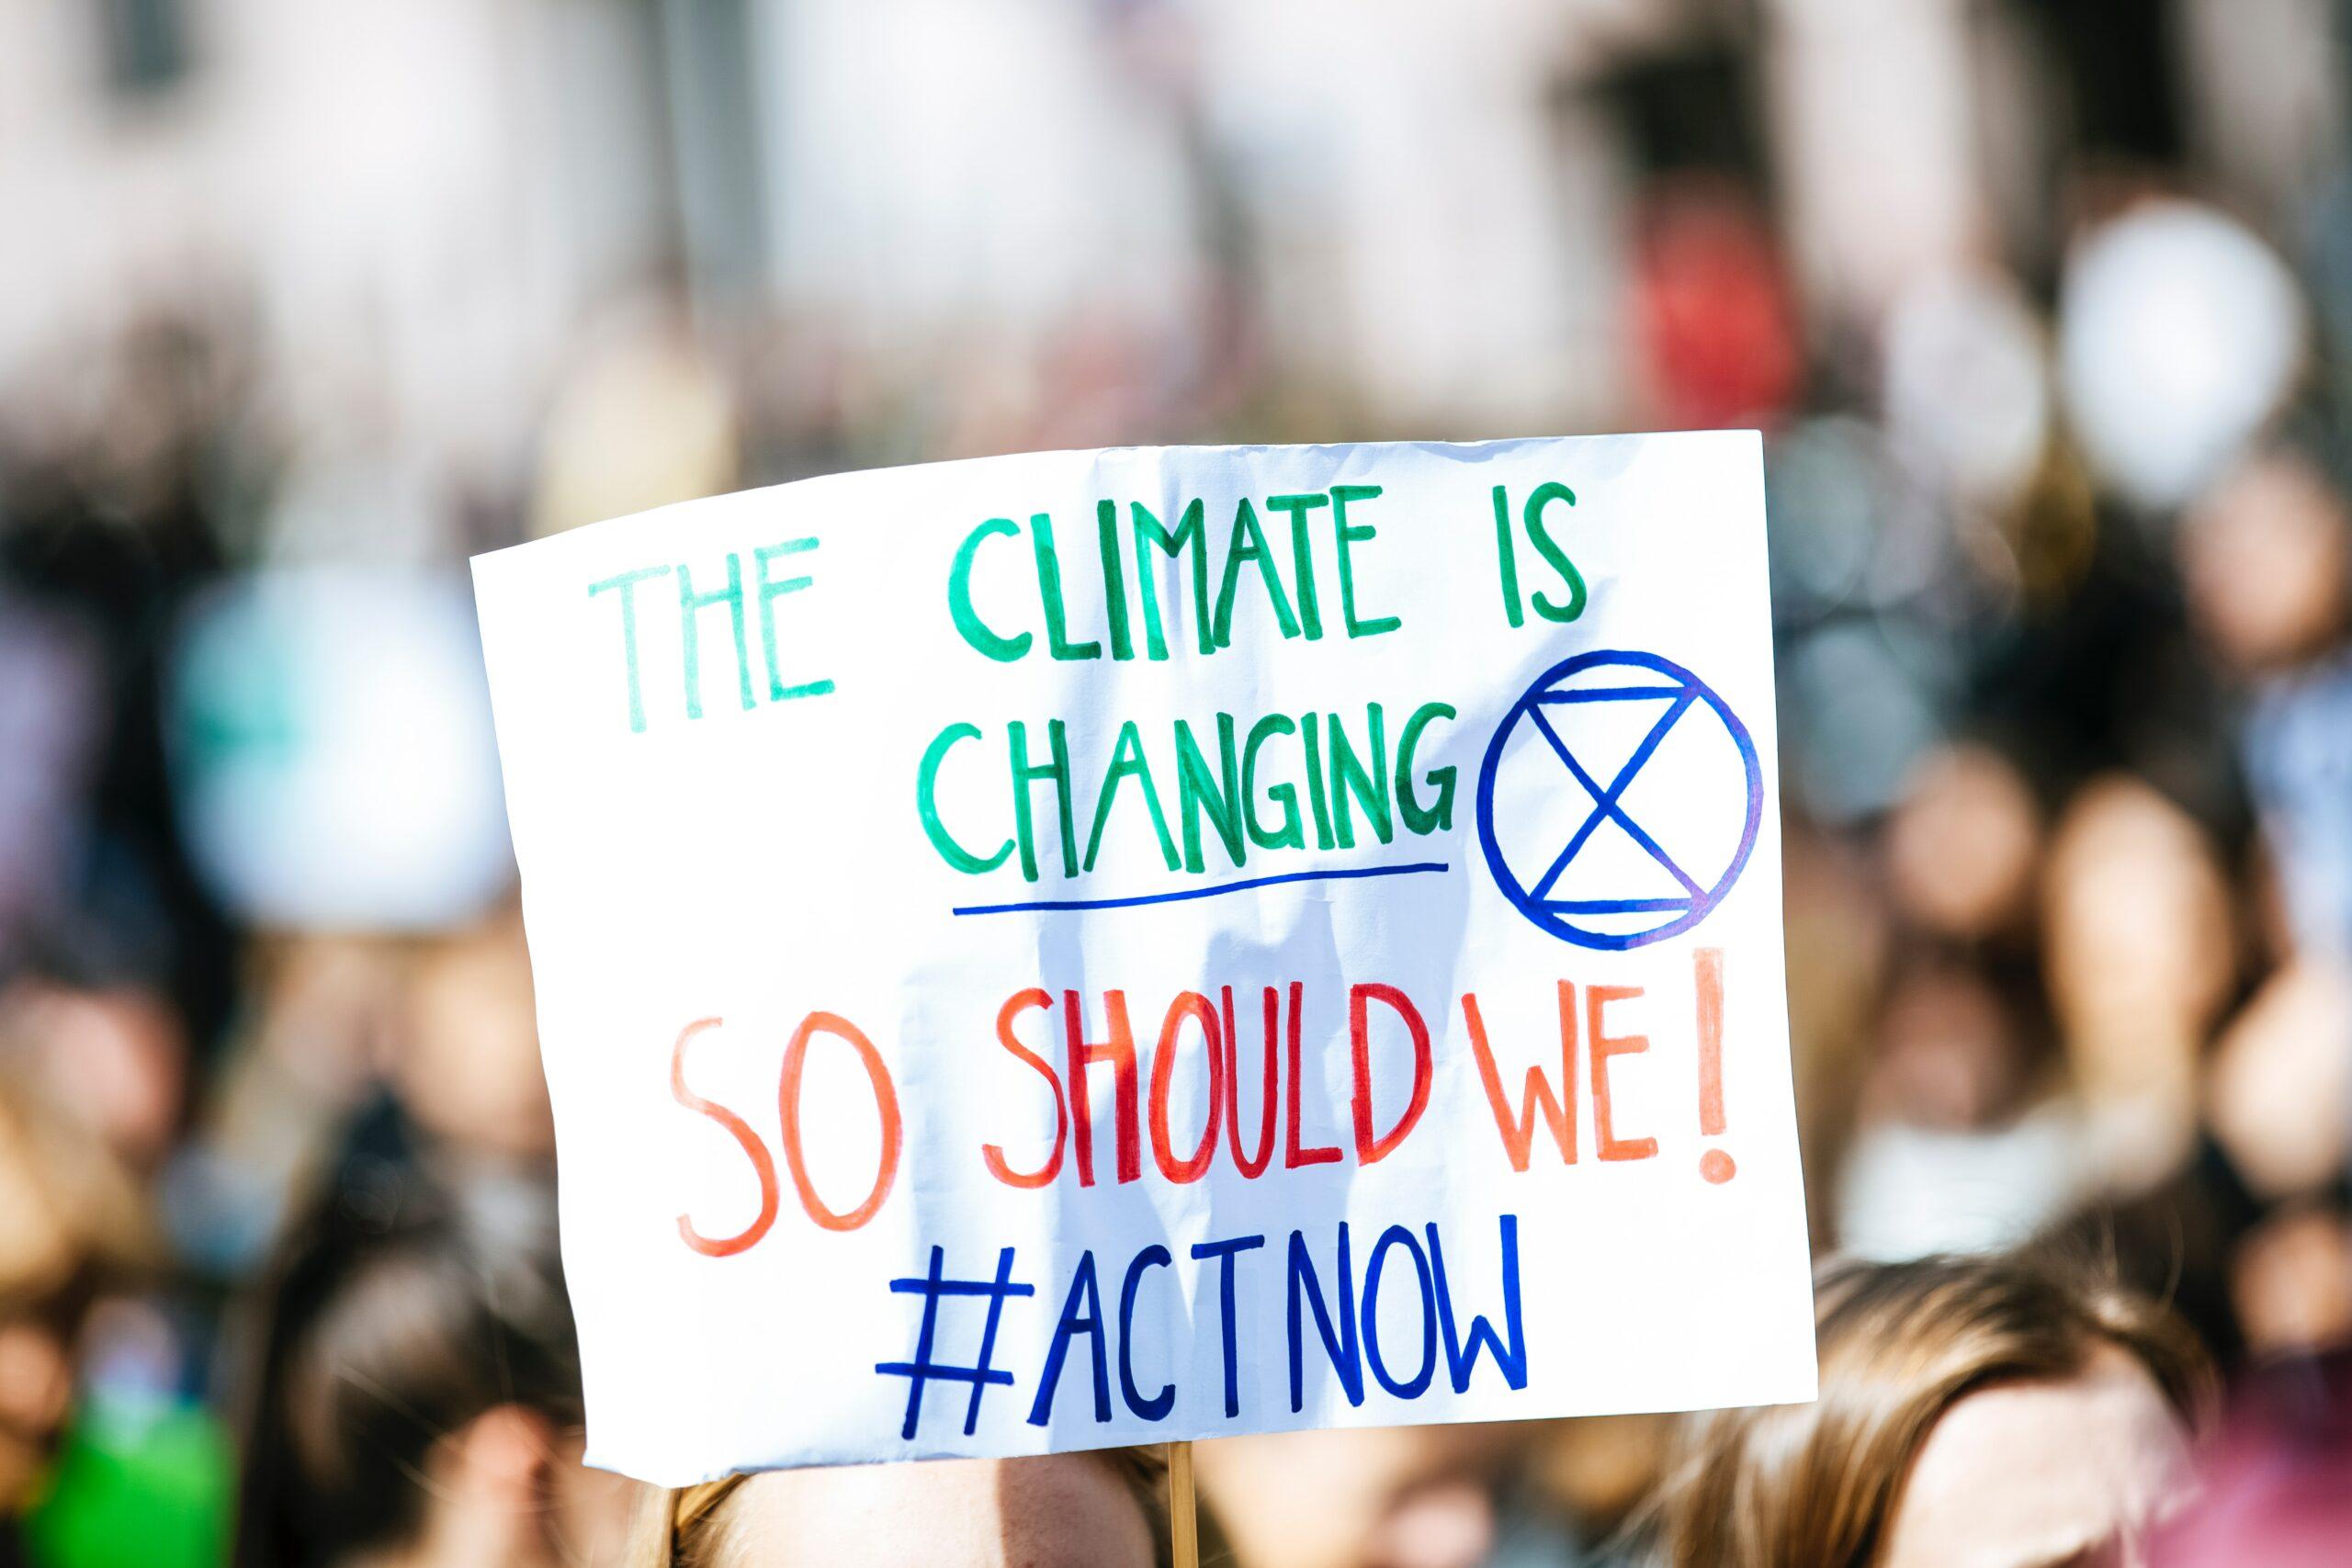 Die Digitalisierung kann eine zentrale Rolle beim Klimaschutz einnehmen. Allerdings ist digitaler Klimaschutz kein Selbstläufer, sondern muss von den Unternehmen aktiv betrieben und von der Politik gezielt flankiert werden. Das zeigt eine erste Studie, die der Digitalverband Bitkom zu diesem Thema veröffentlicht hat.